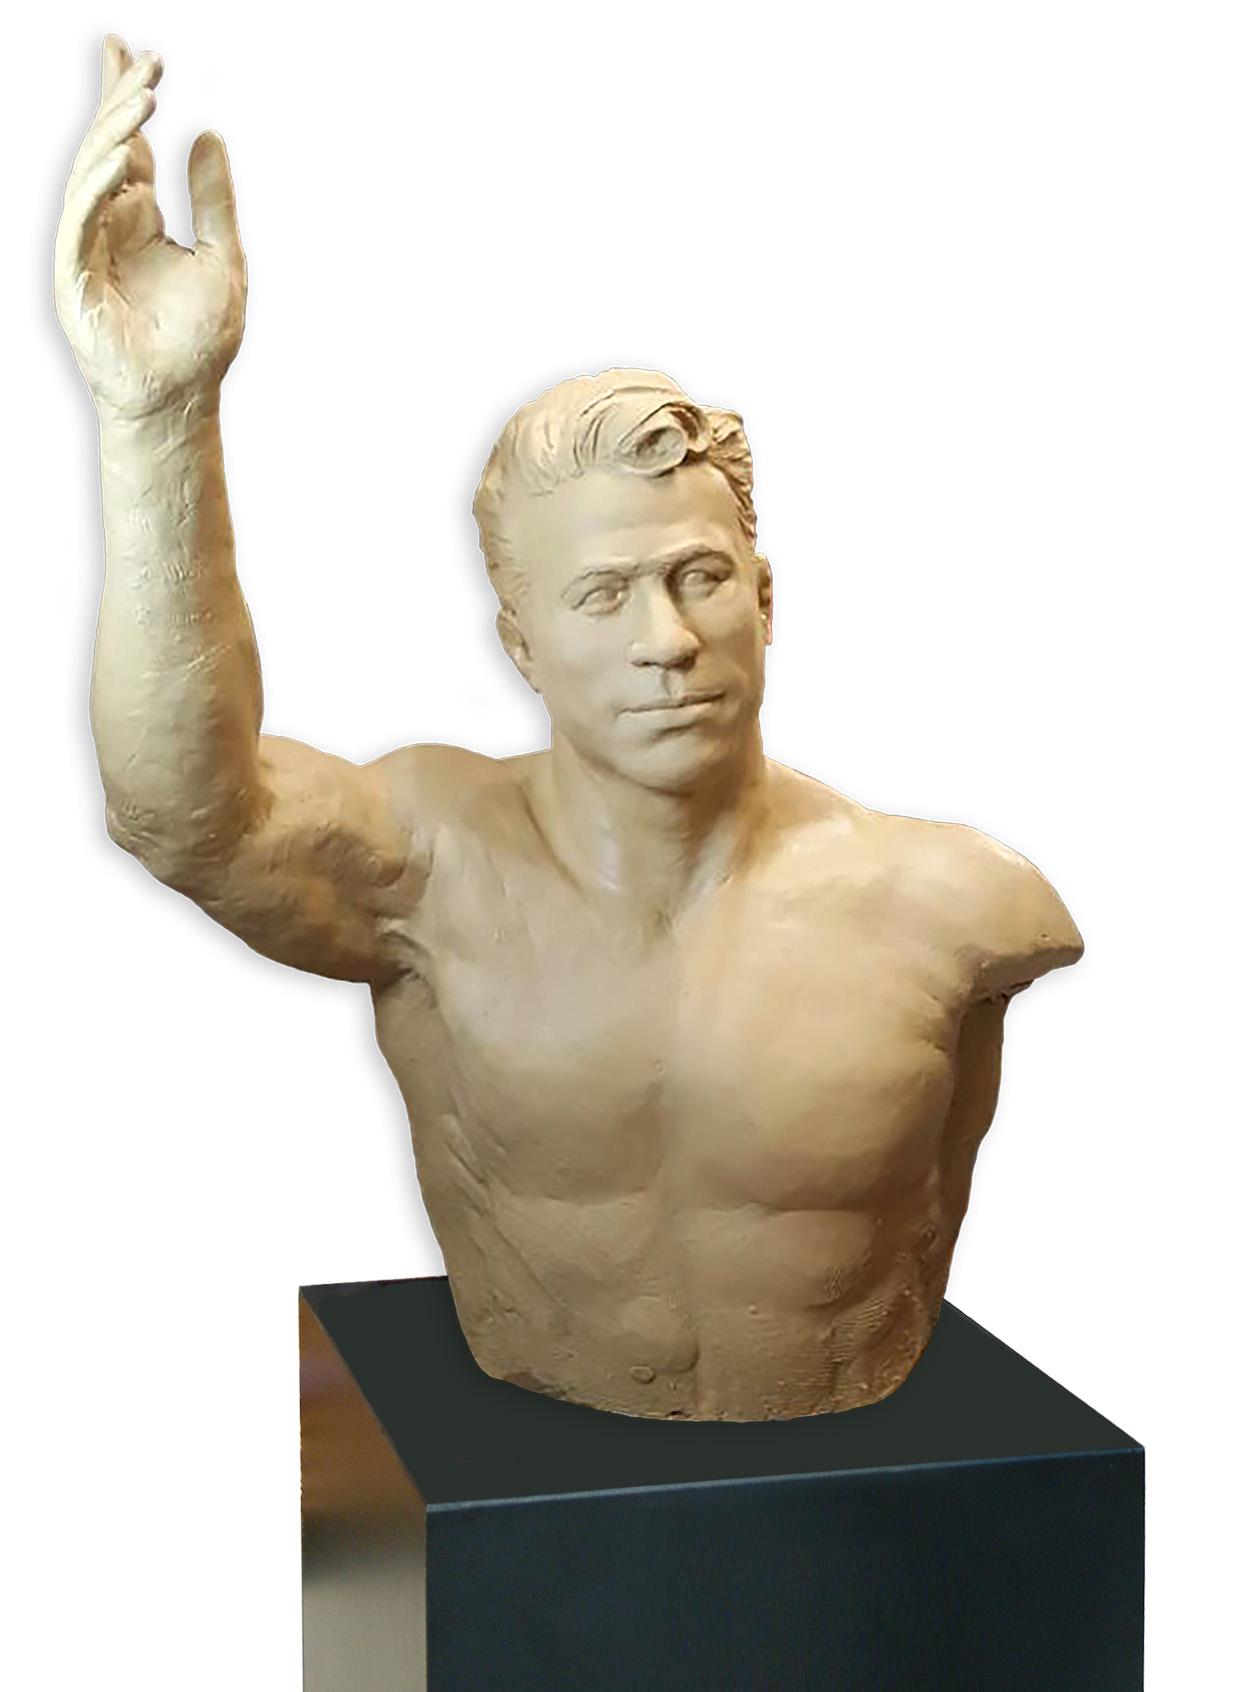 Iranian Wrestler Sculpture